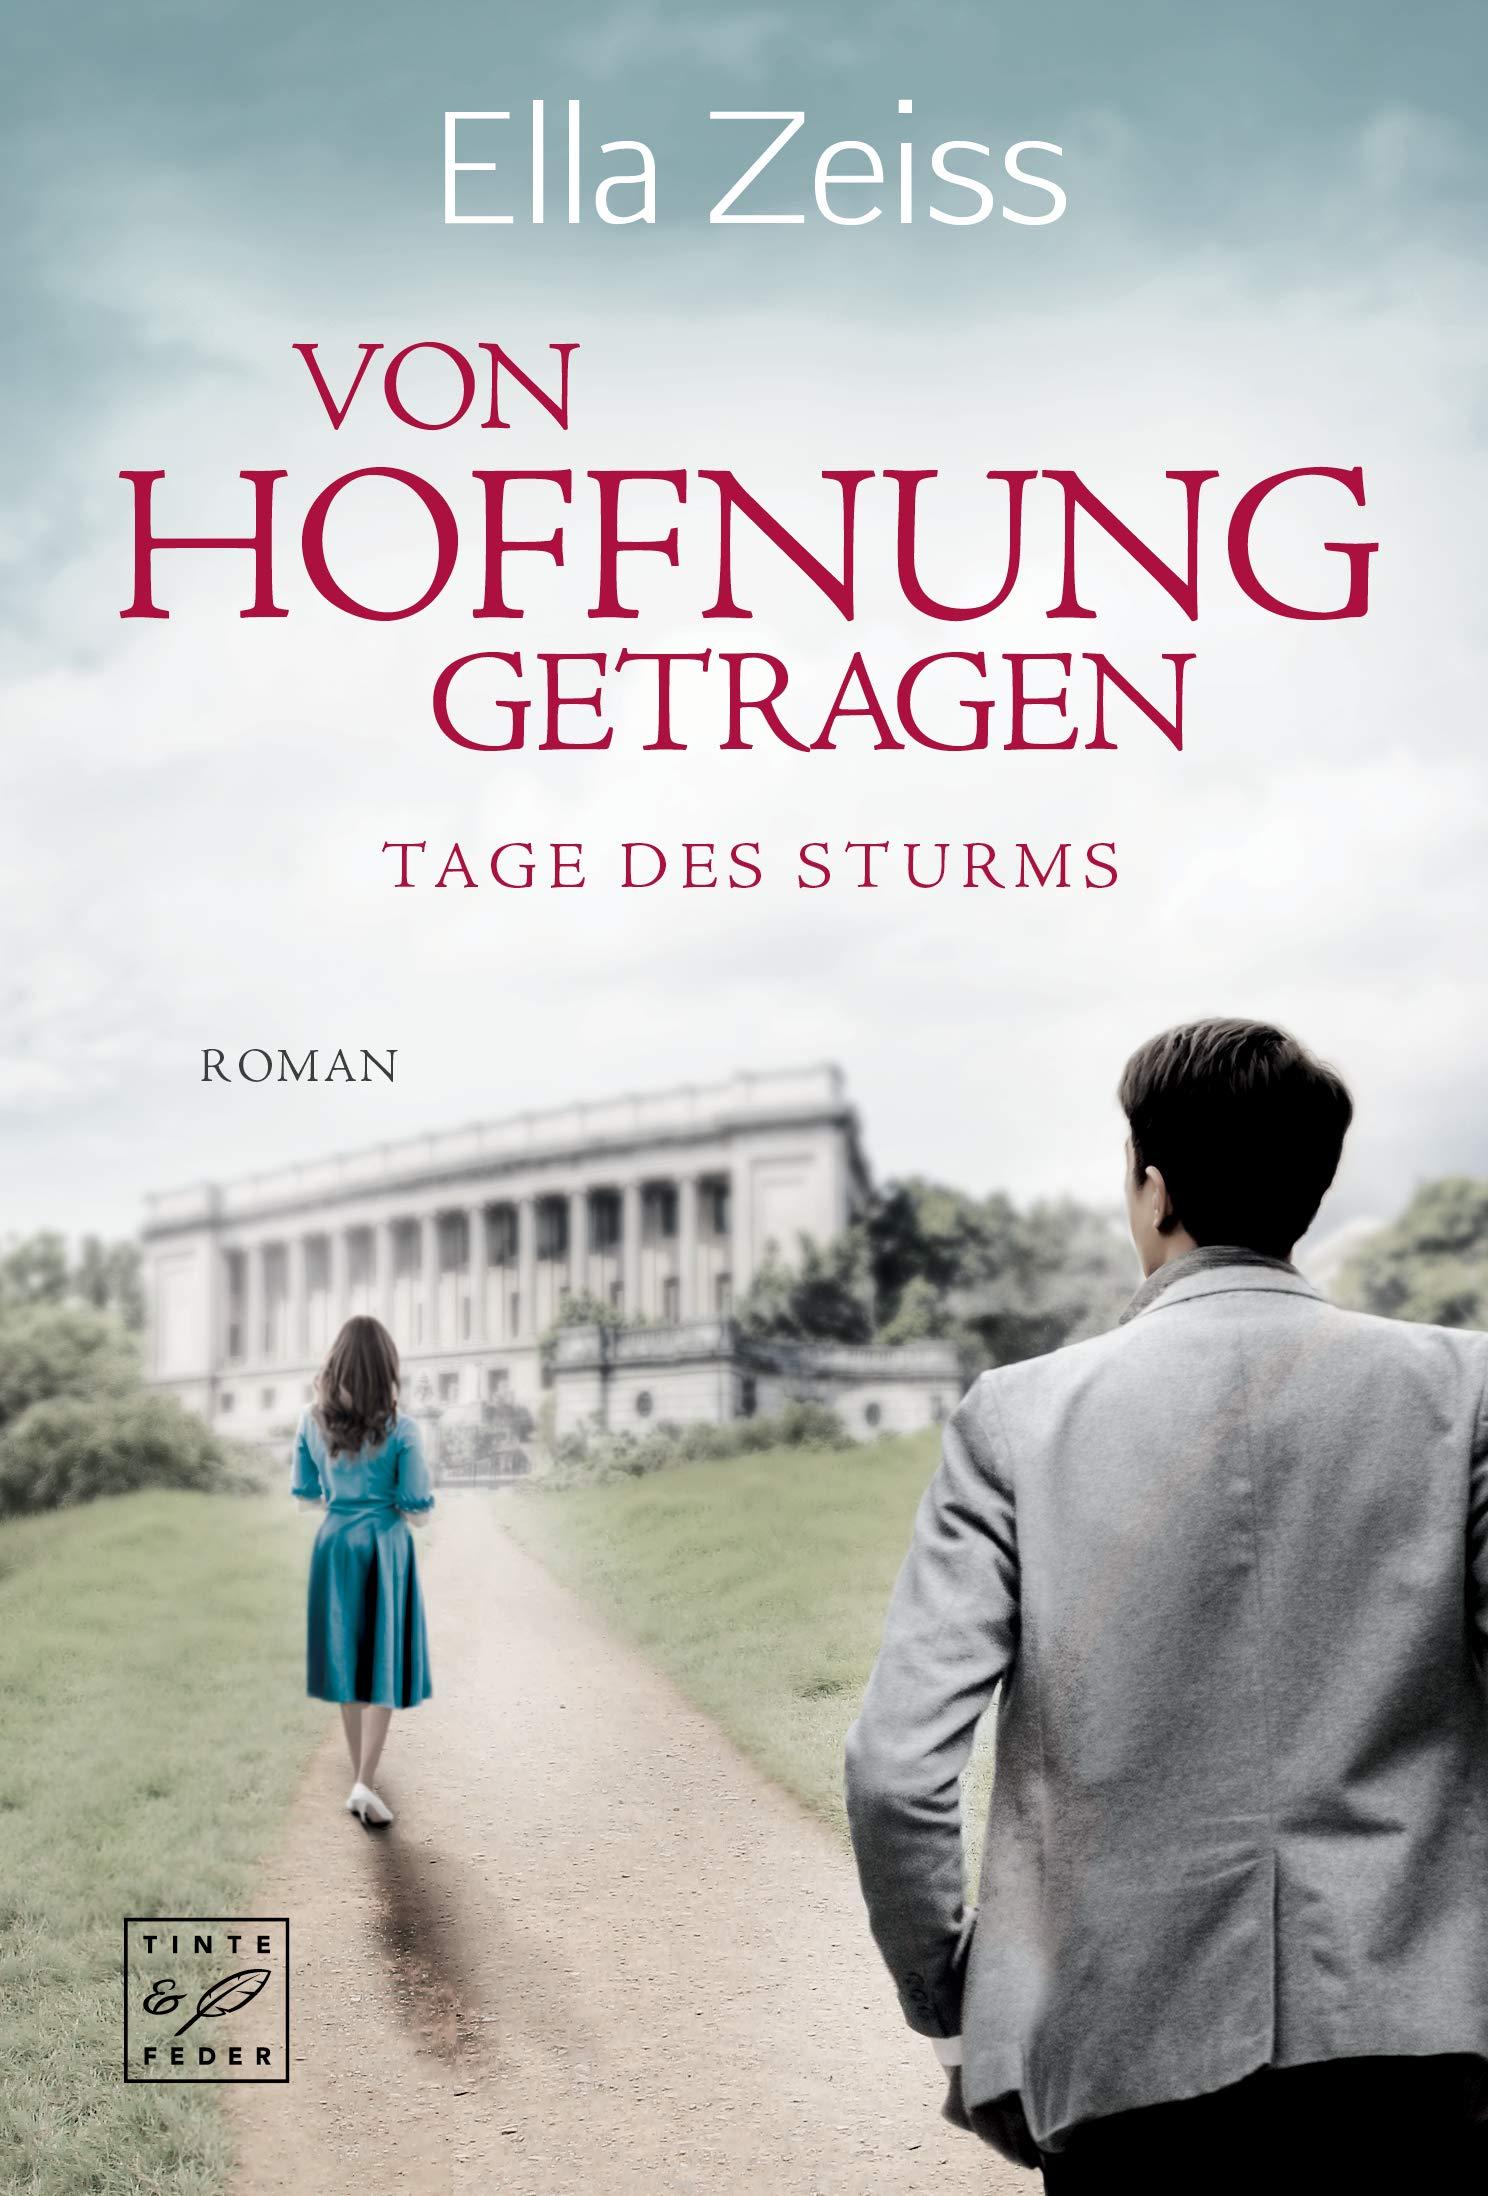 Von Hoffnung getragen (Tage des Sturms 2) (German Edition) por Ella Zeiss